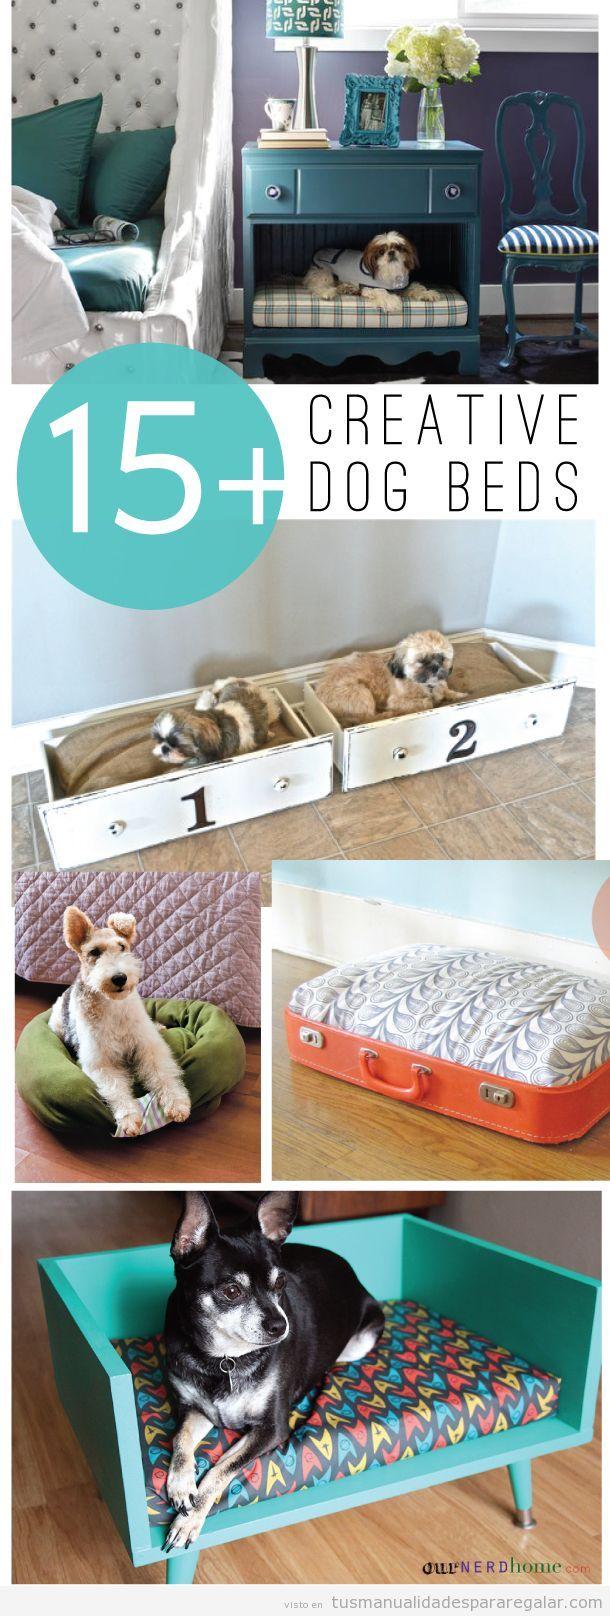 Ideas originales, camas DIY para perros